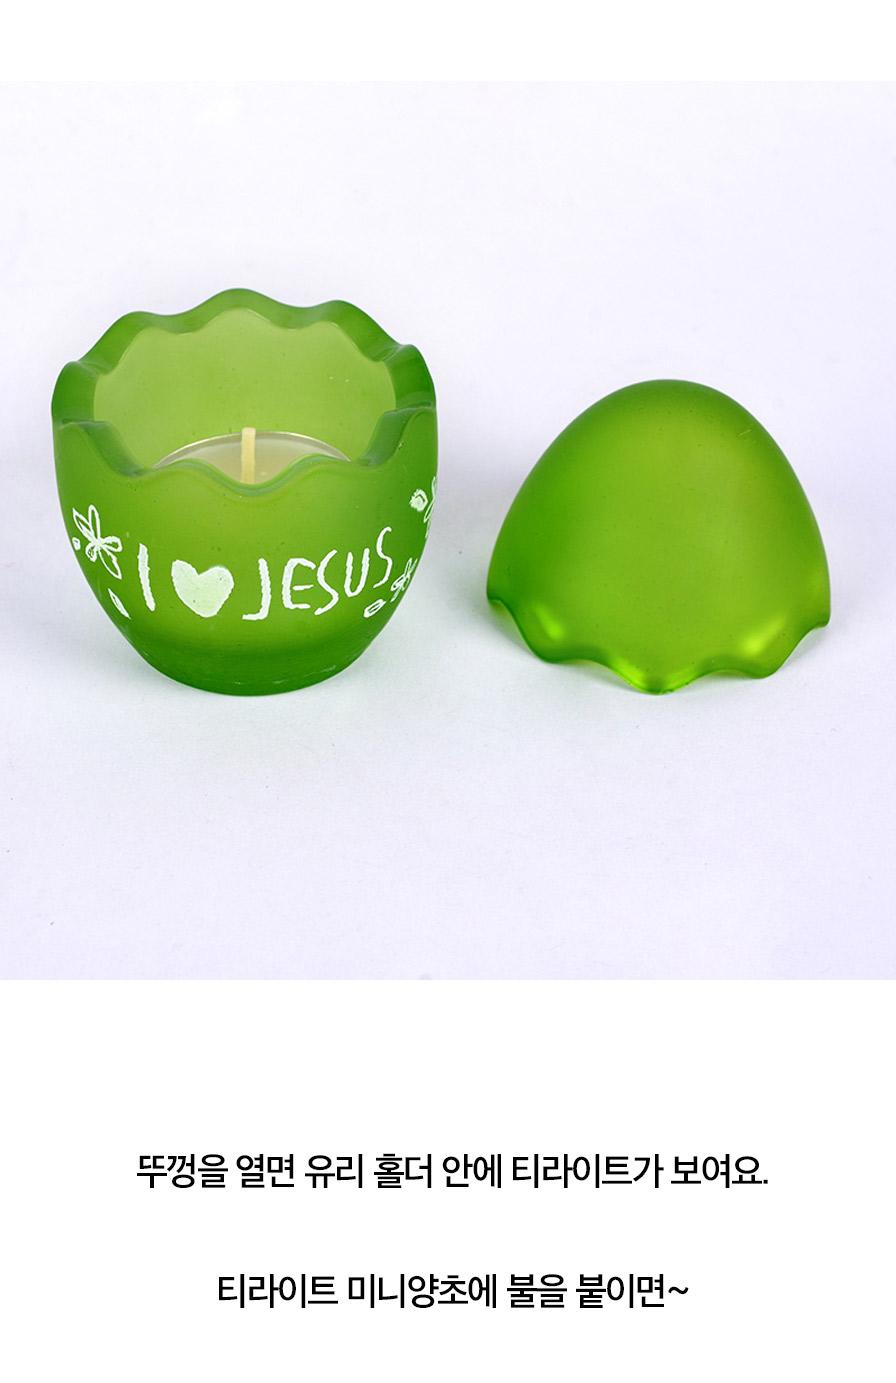 부활절 교회선물 에그 티라이트 캔들 홀더 안에 티라이트 캔들 1개가 들어 있어요